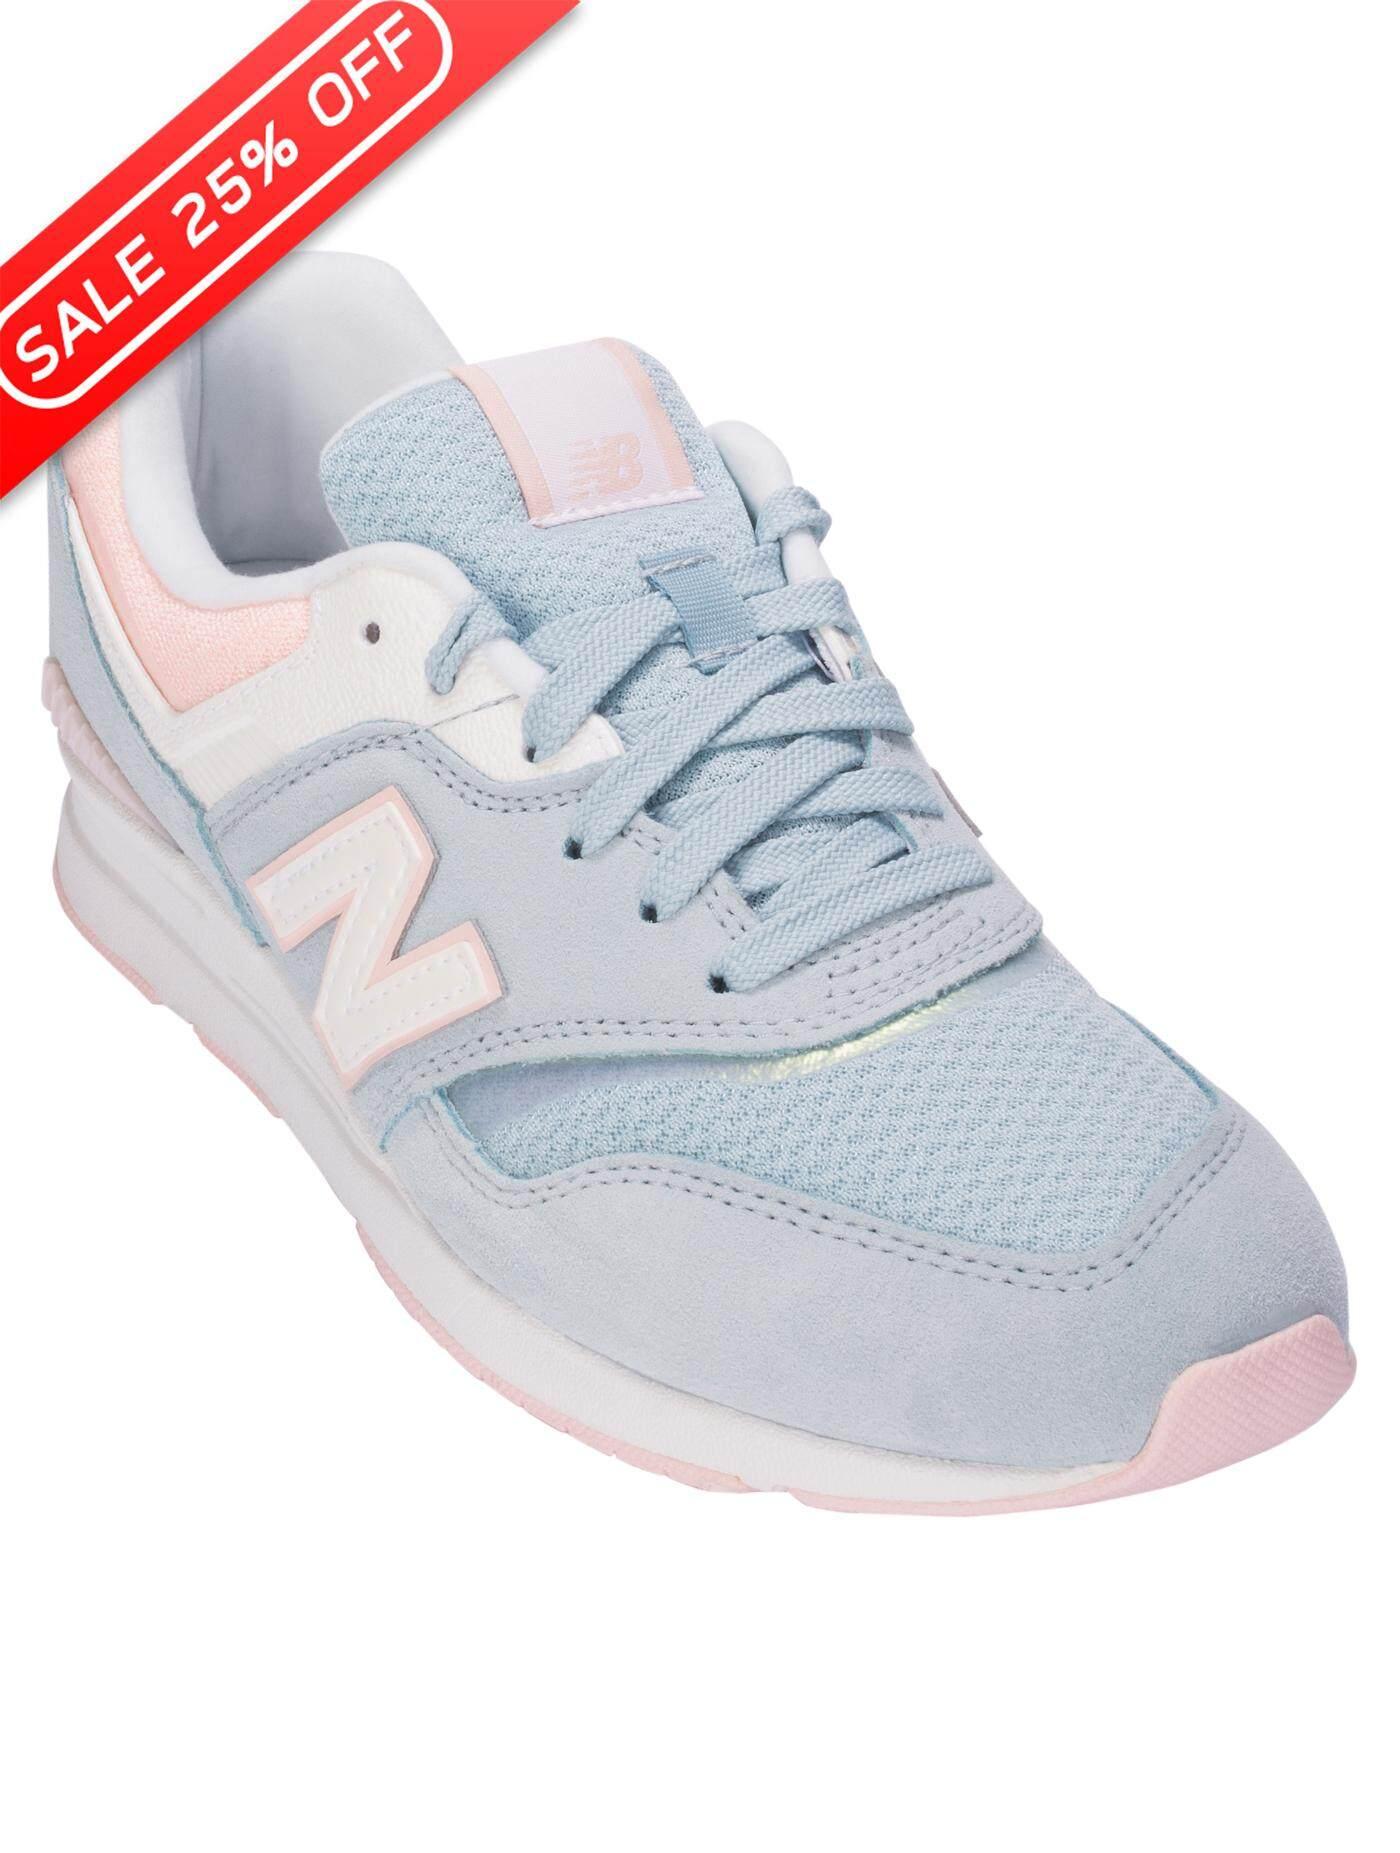 ชัยนาท NEW BALANCE รองเท้าลำลองผู้หญิง รุ่น 697 ไซส์ สีเทา